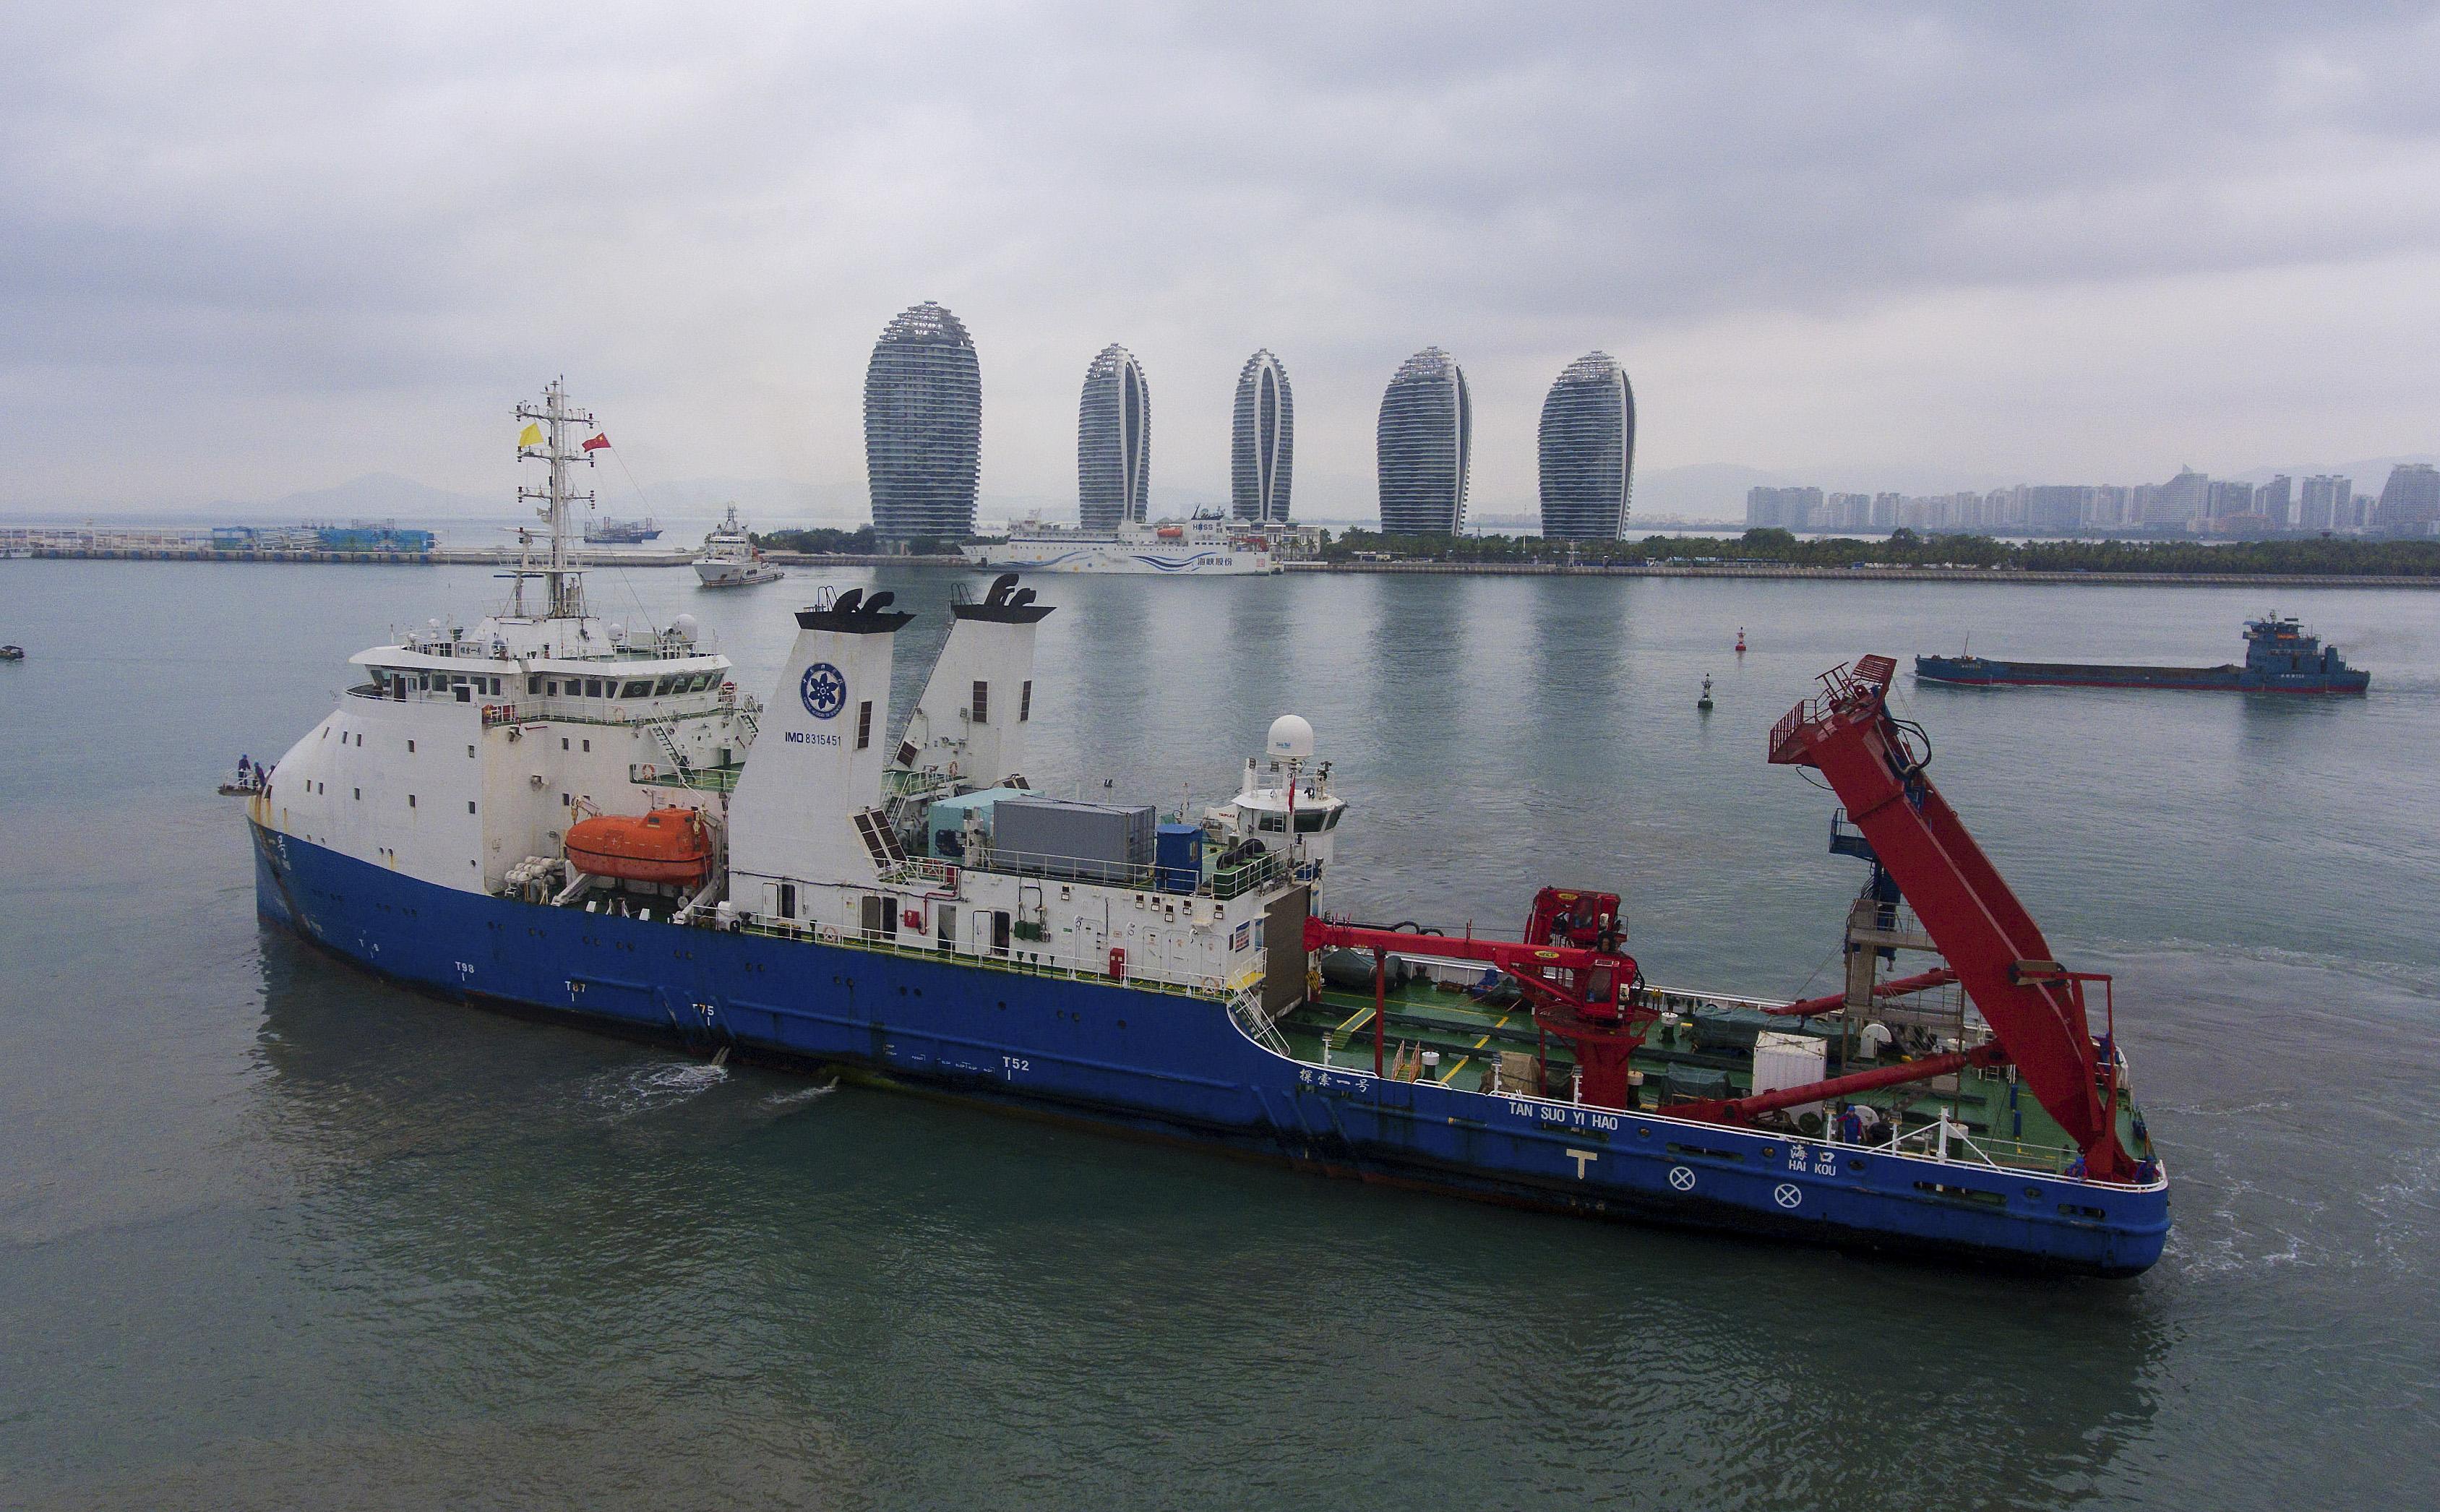 中国科学調査船、南西インド洋などでの深海科学調査終え帰港